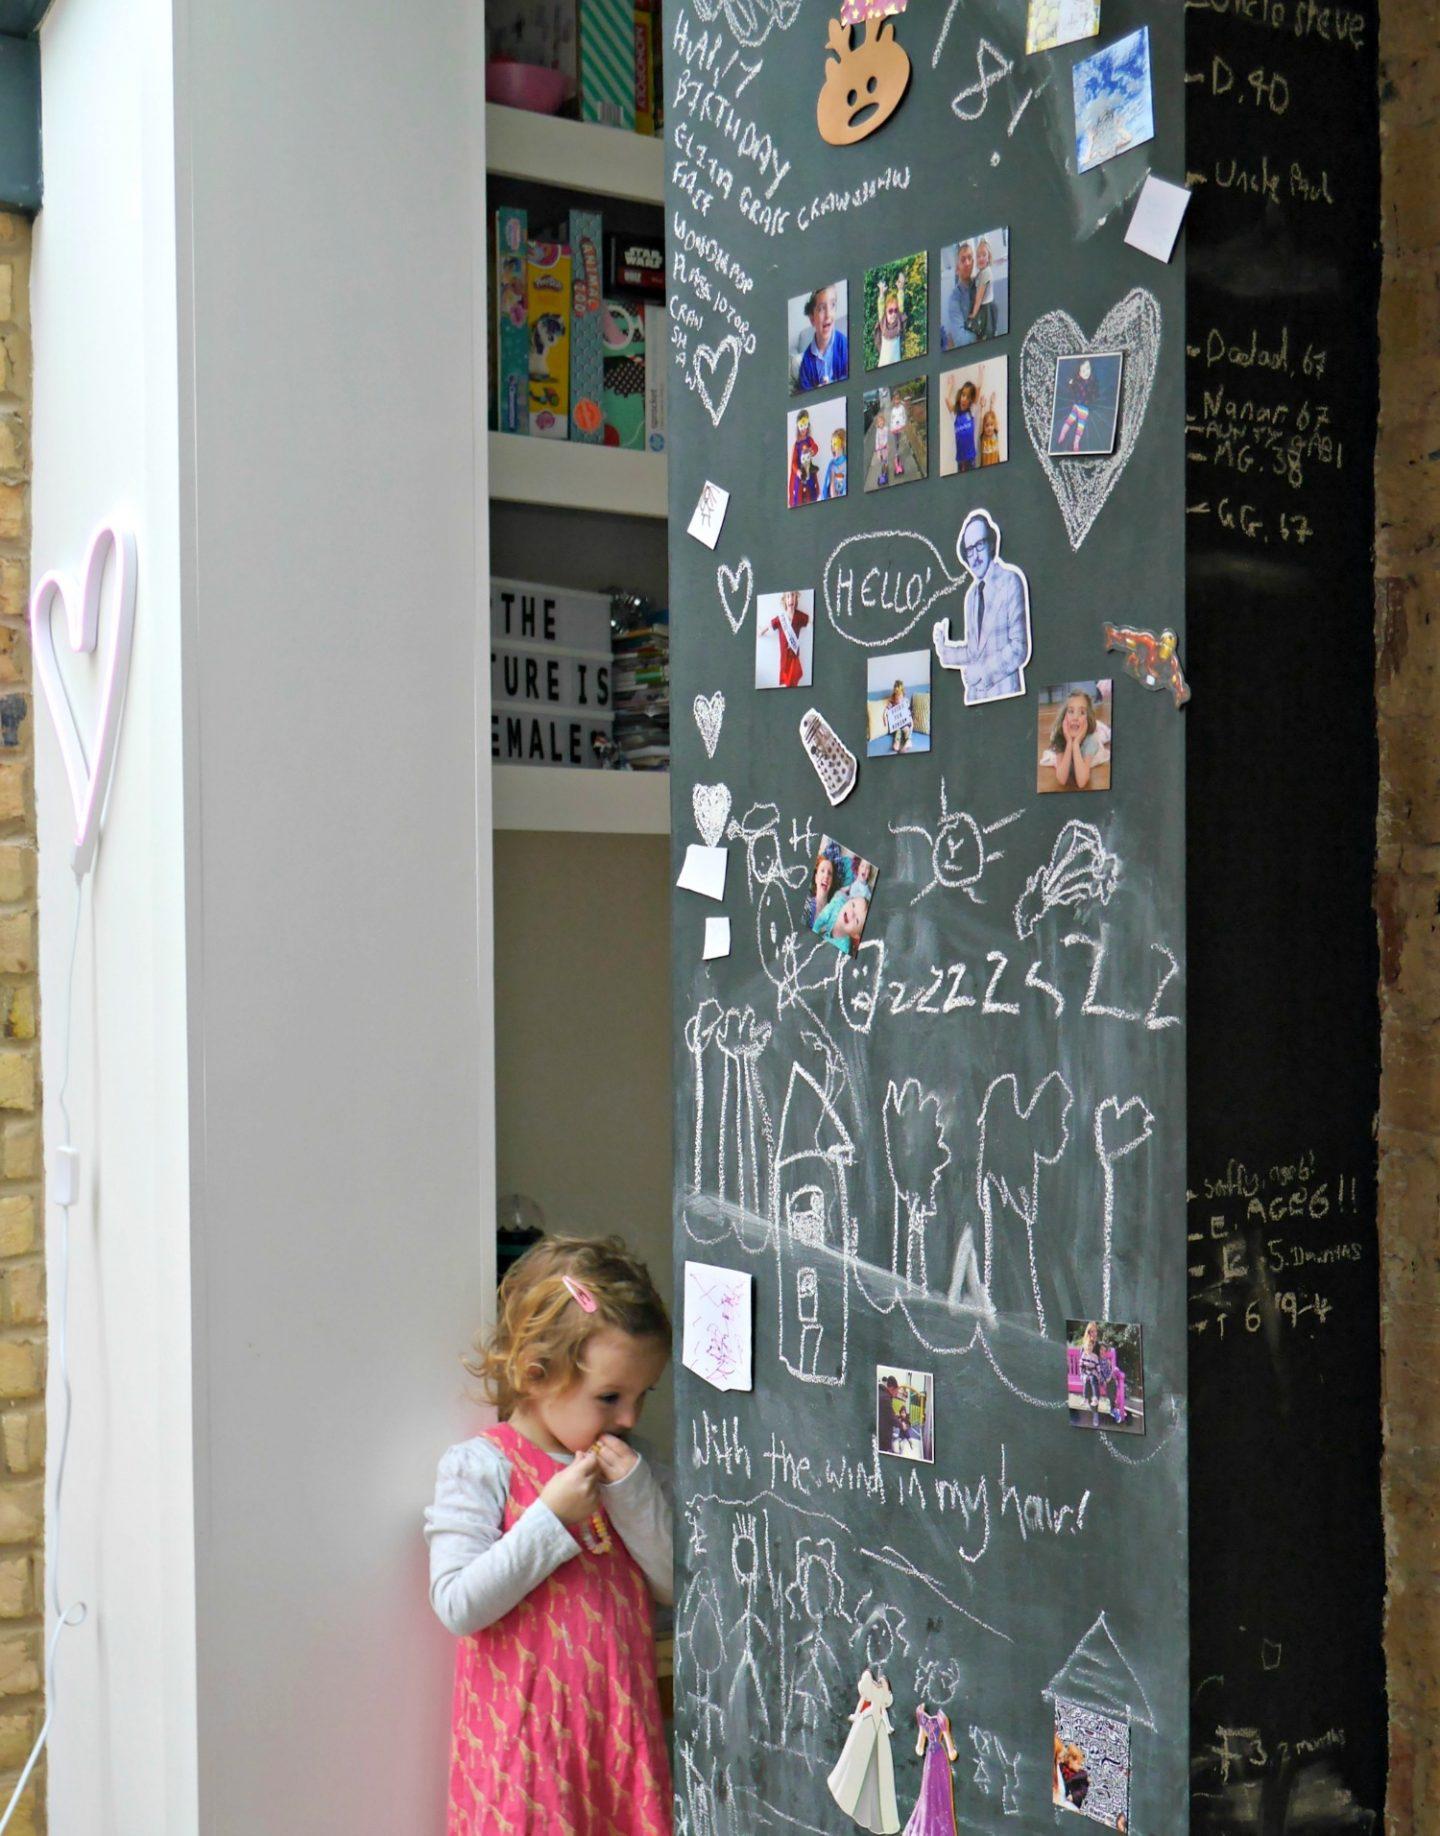 Magnetic chalkboard walls - side return extension in Victorian terrace in London